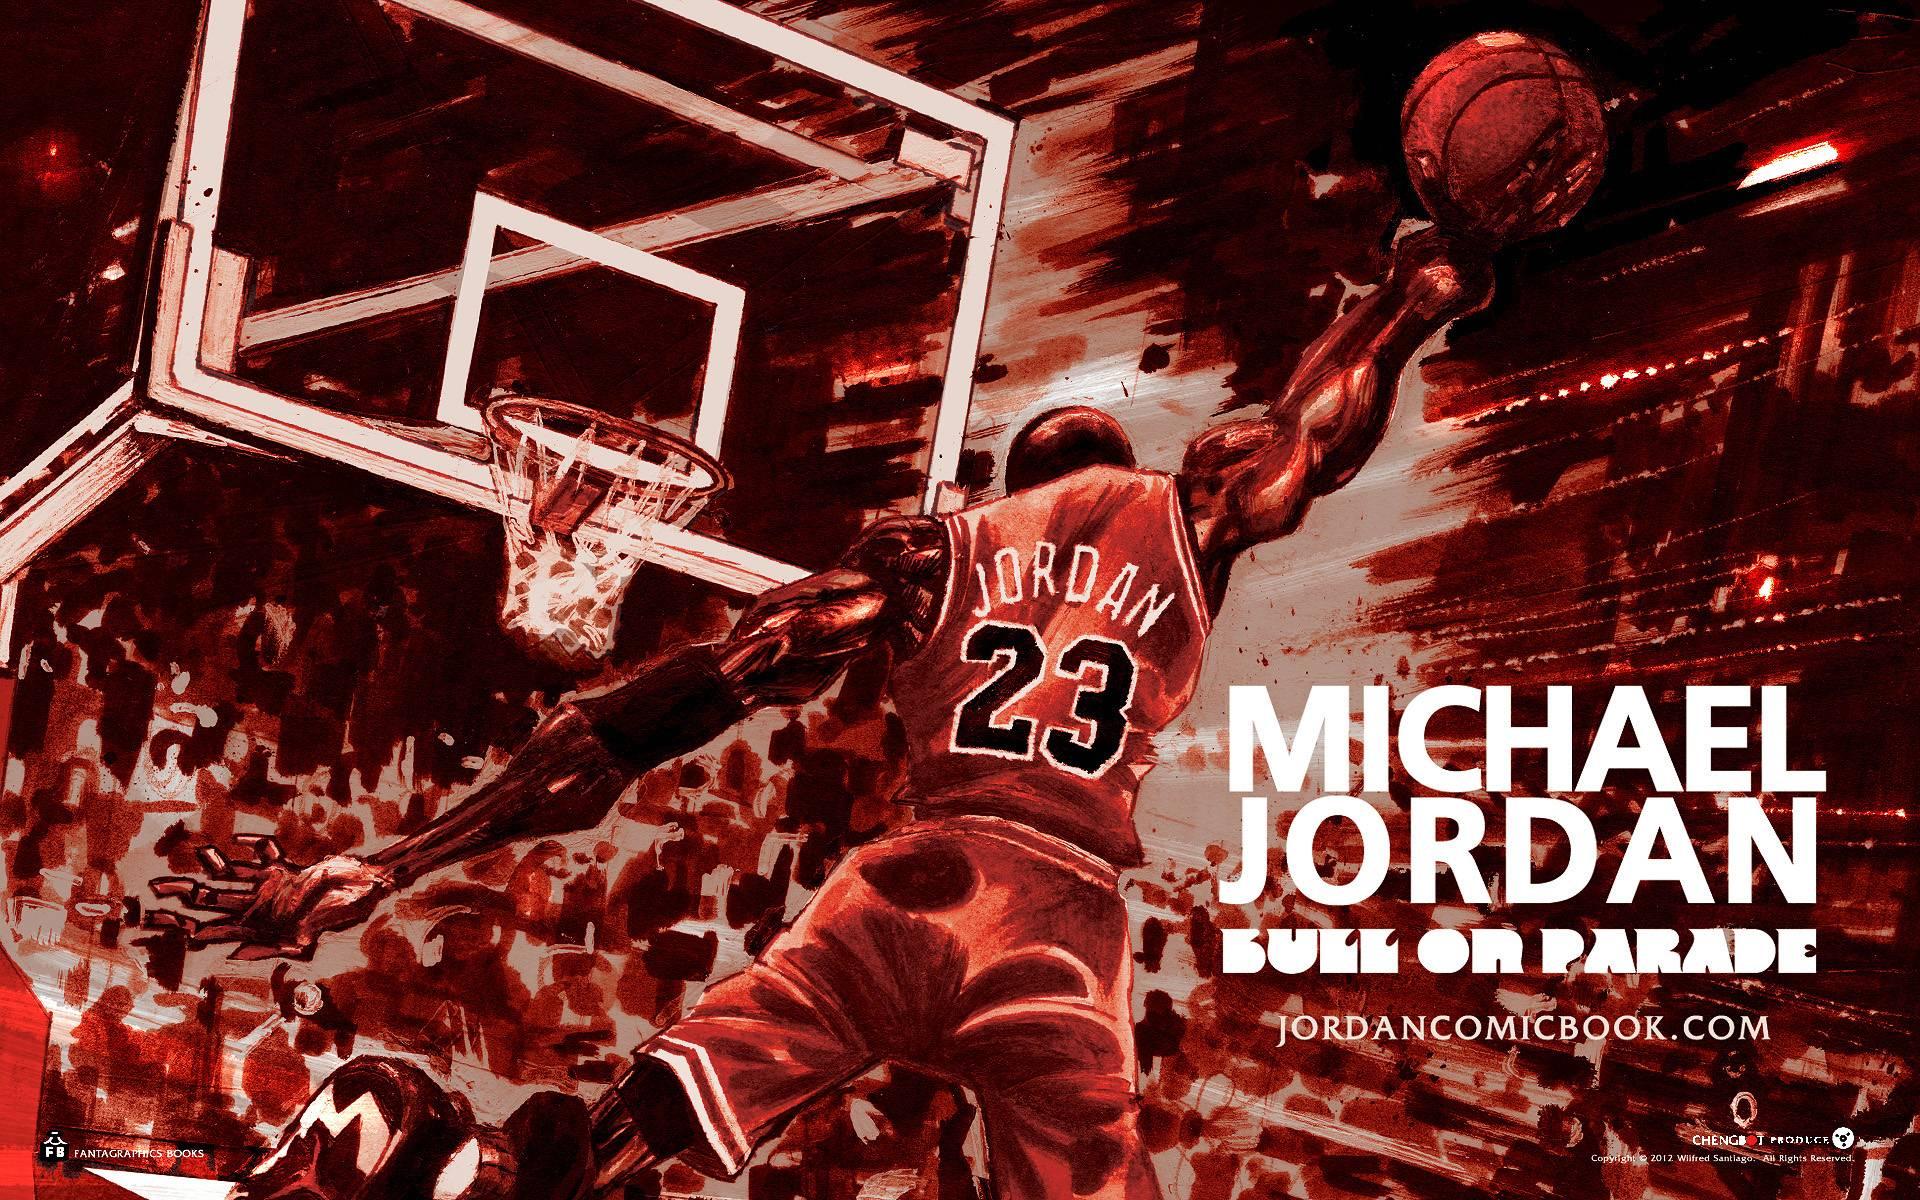 Hd Michael Jordan Wallpapers Wallpaper Cave